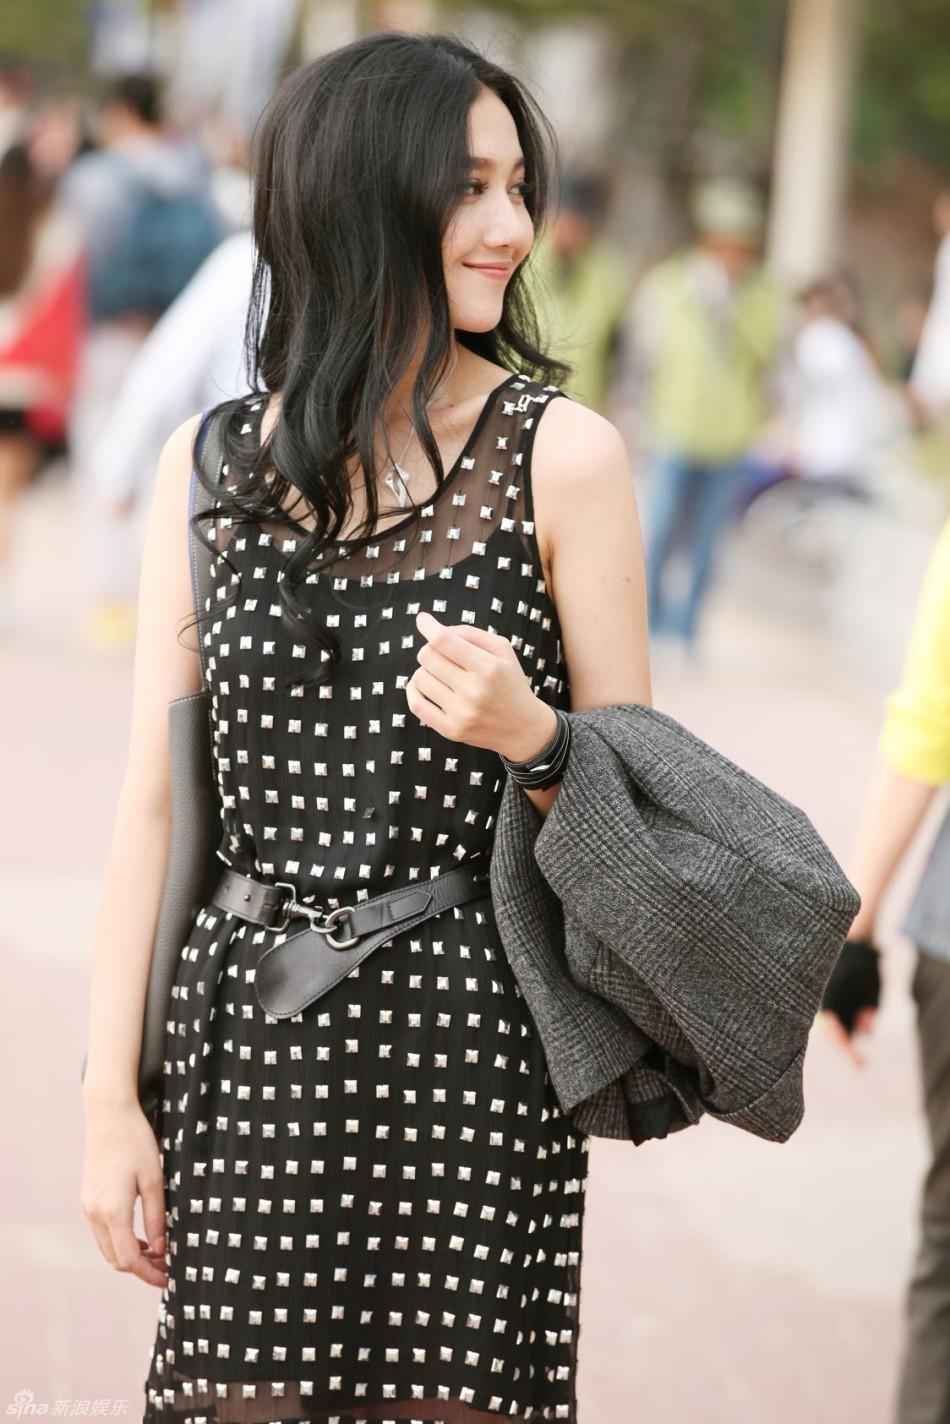 http://www.sinaimg.cn/dy/slidenews/4_img/2013_32/704_1050606_144956.jpg